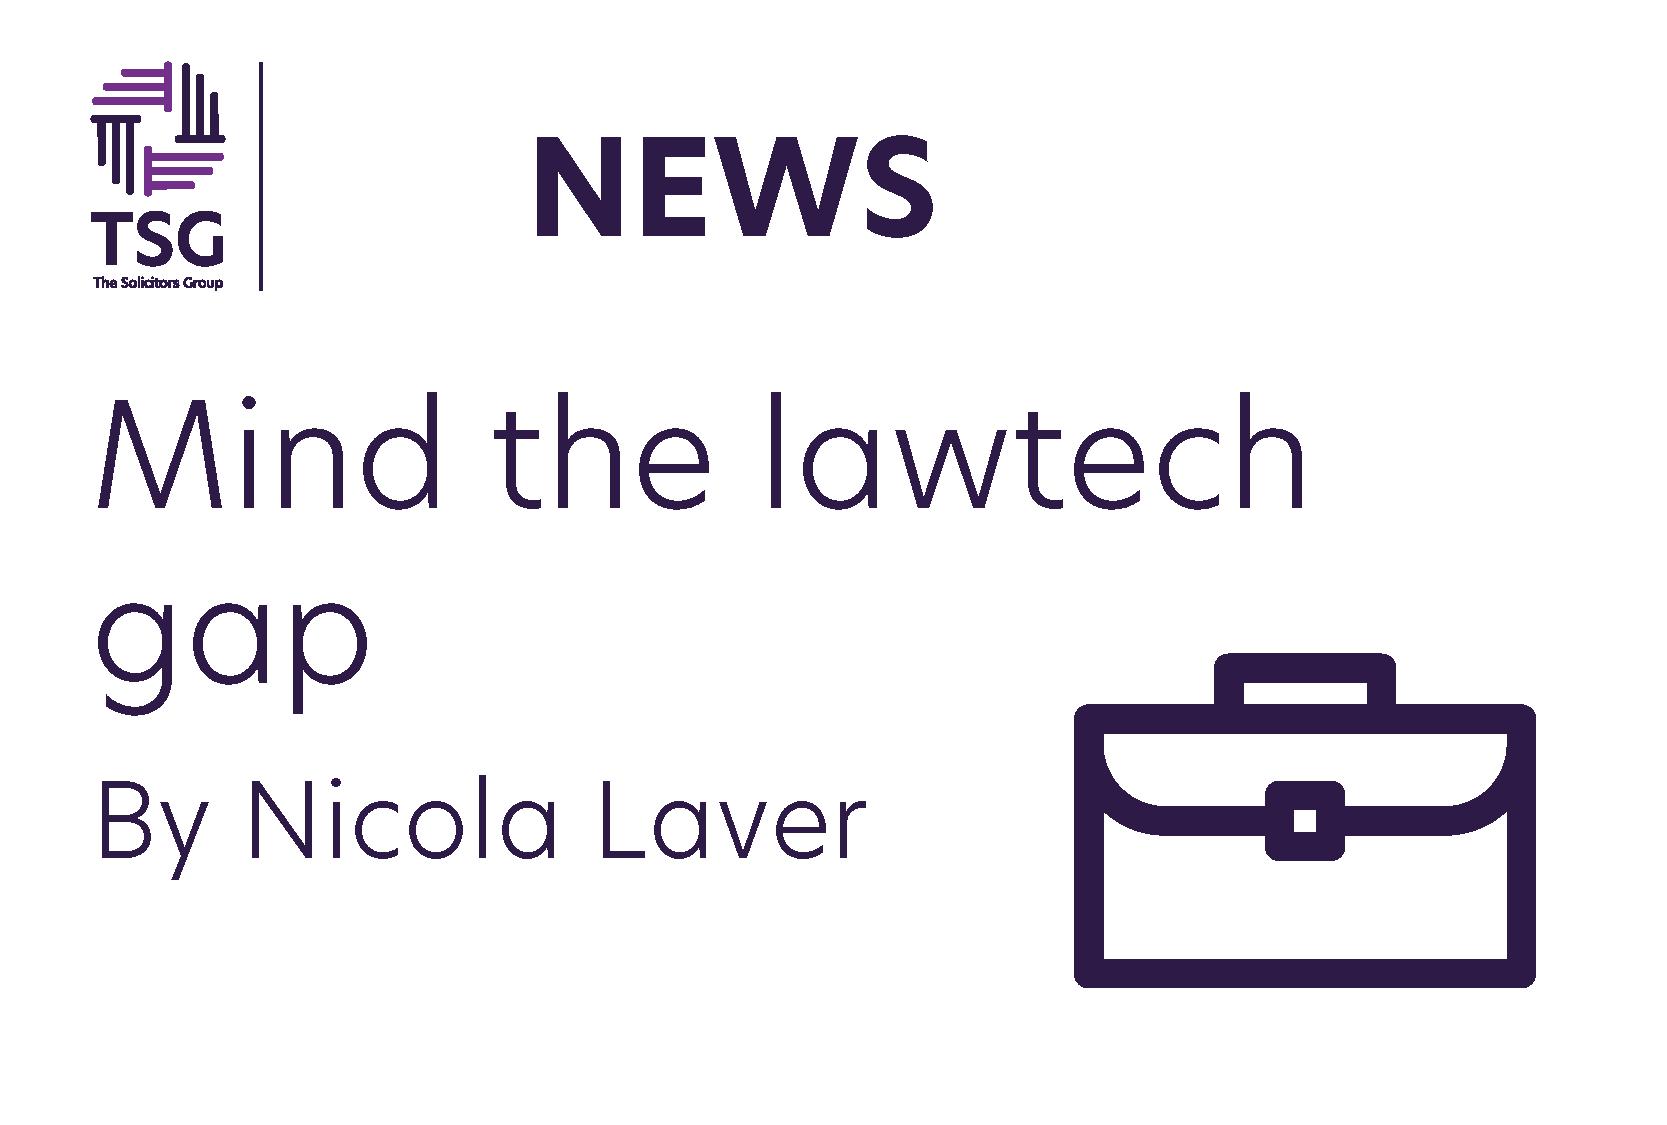 Mind the lawtech gap